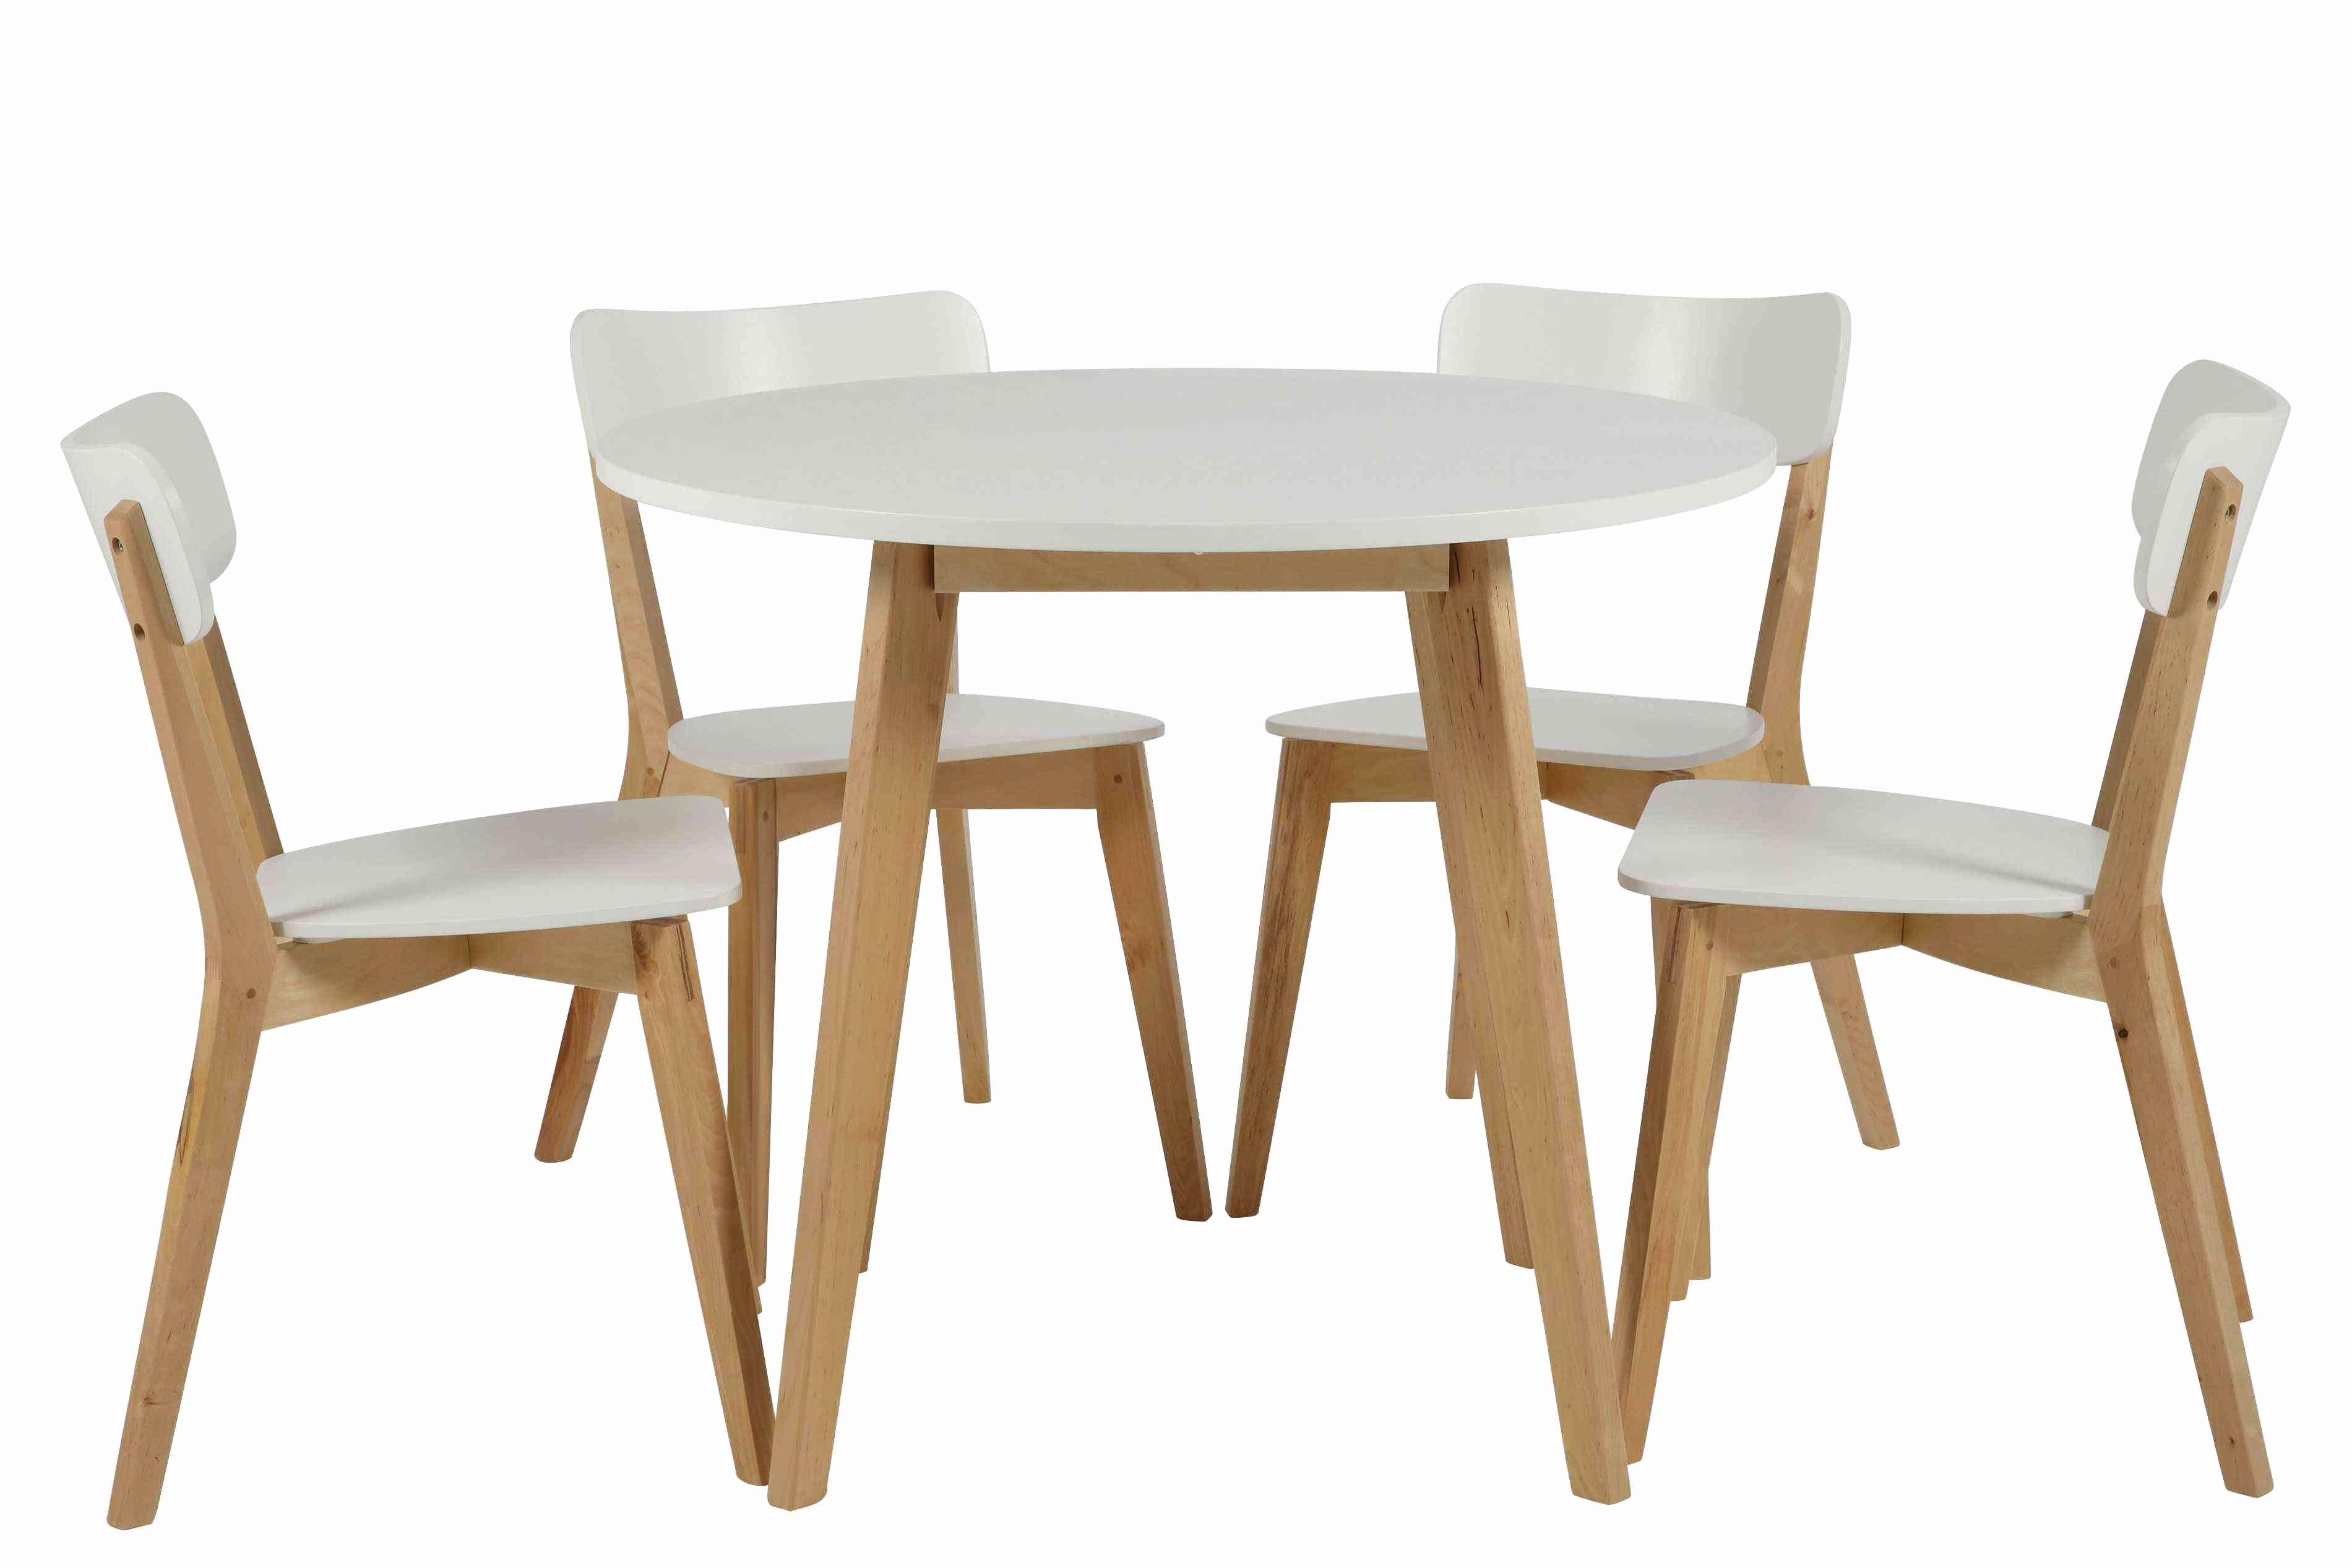 Table De Cuisine Ikea Haute En 2020 Table Cuisine Ikea Table Et Chaises Chaise Cuisine